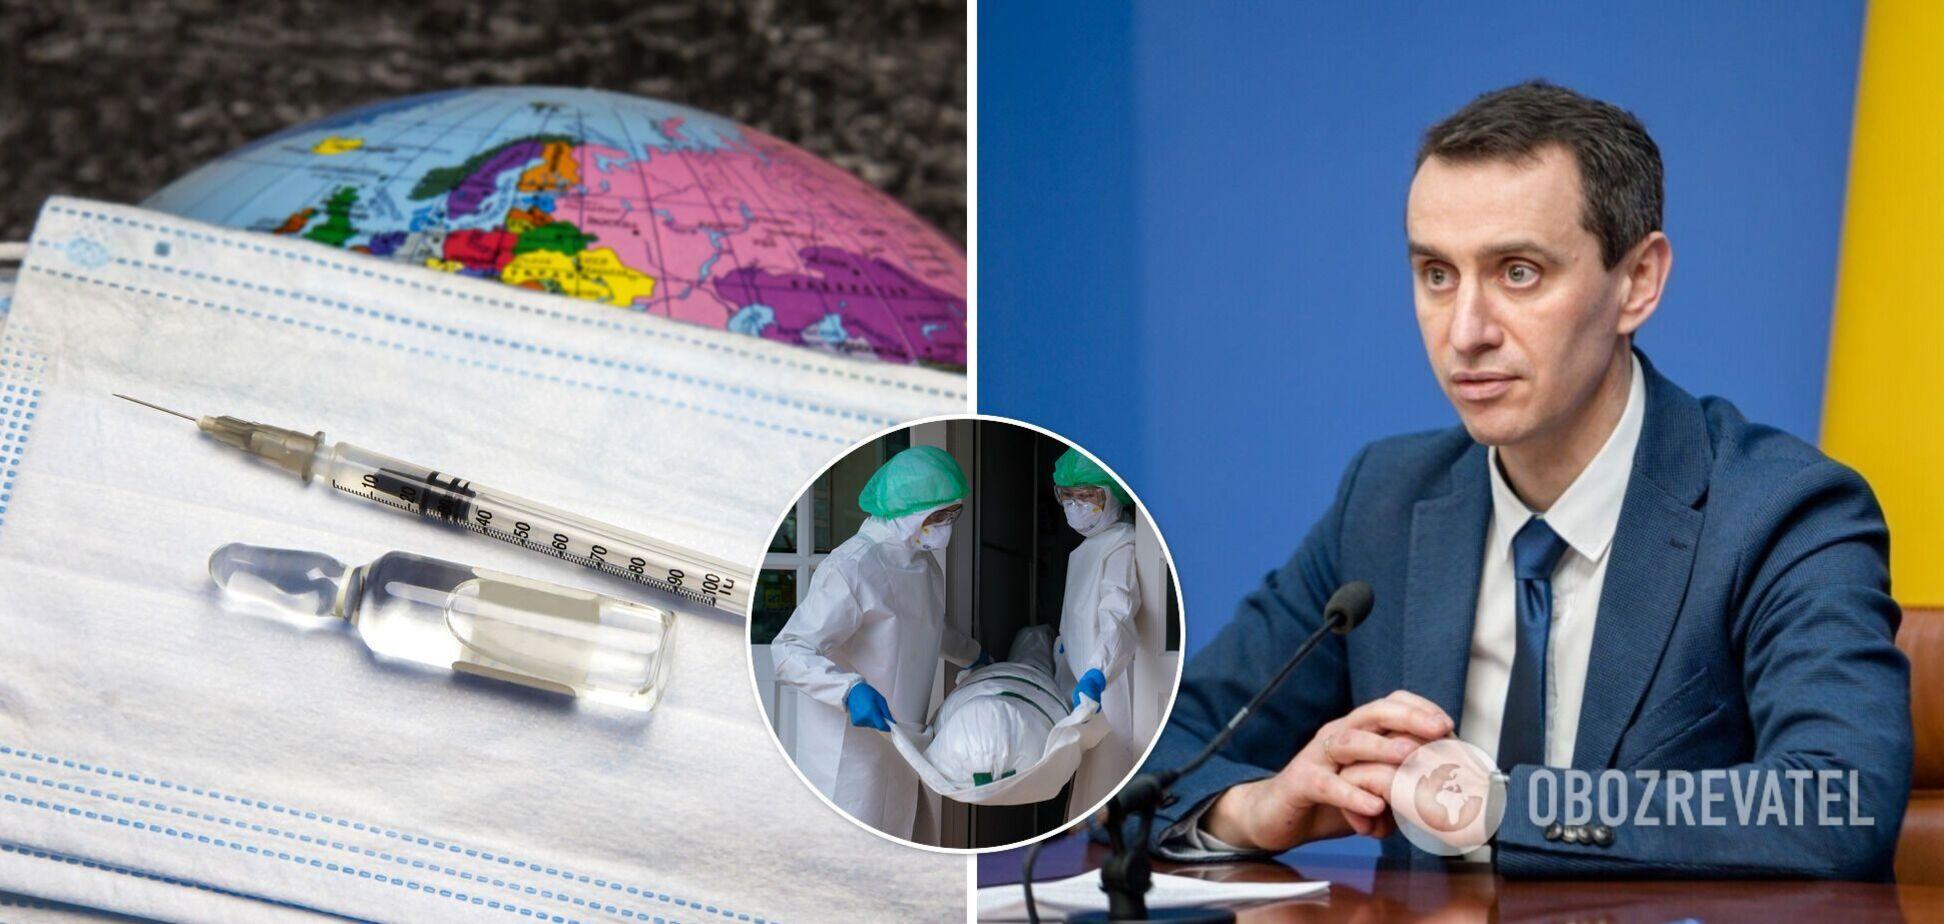 В Україні 99,2% смертей внаслідок COVID-19 були серед невакцинованих, – Ляшко